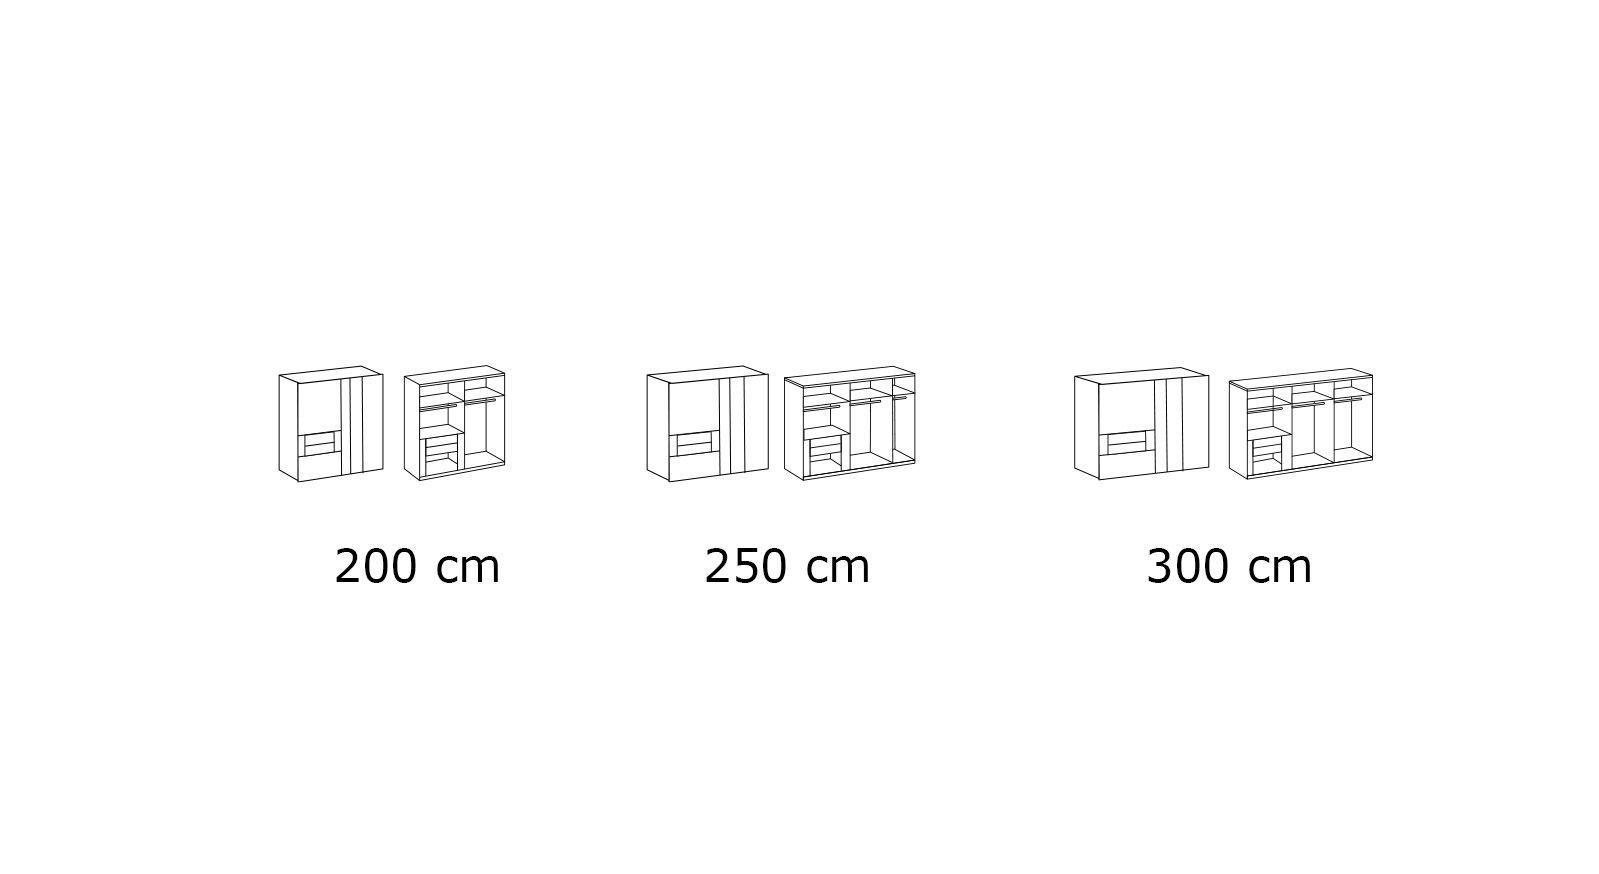 Grafik zur Inneneinteilung vom Schwebetüren-Kleiderschrank Bellegra